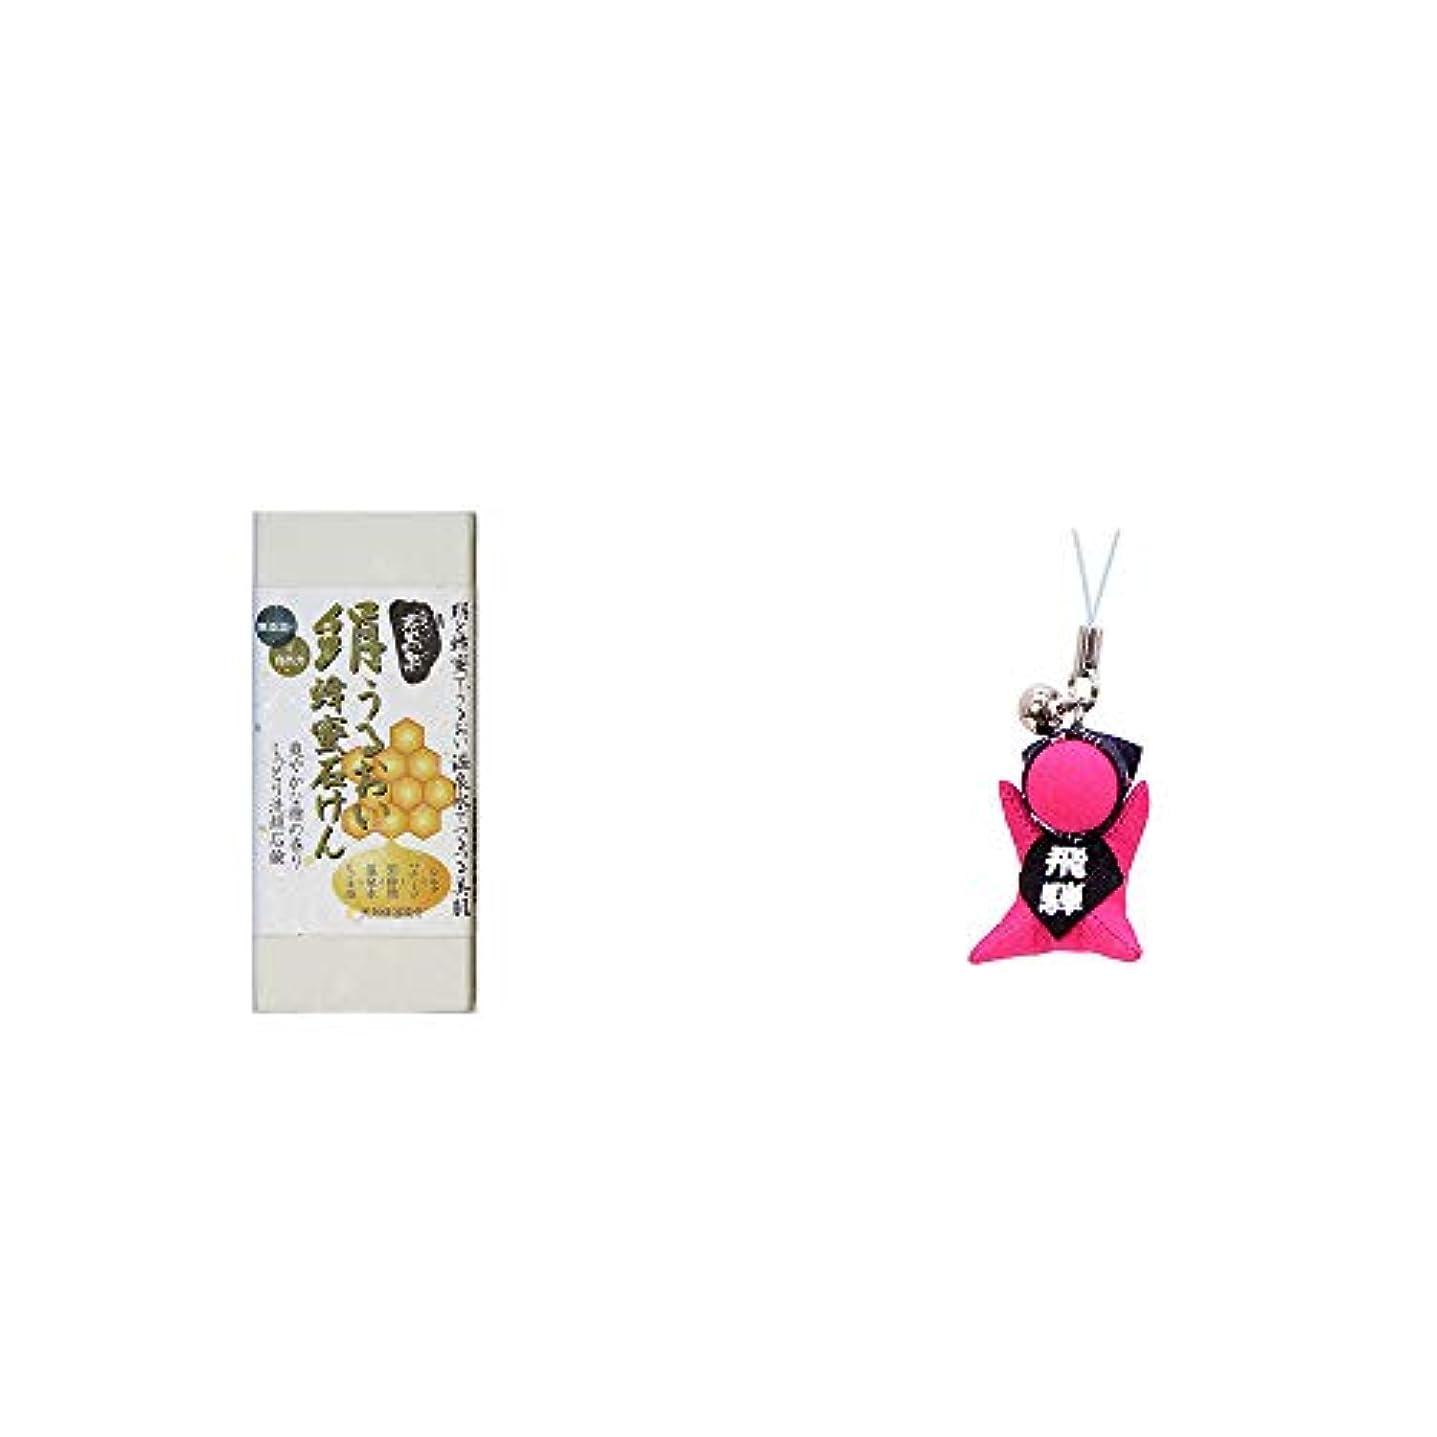 贅沢な時計腹痛[2点セット] ひのき炭黒泉 絹うるおい蜂蜜石けん(75g×2)?さるぼぼ幸福ストラップ 【ピンク】 / 風水カラー全9種類 縁結び?恋愛(出会い) お守り//